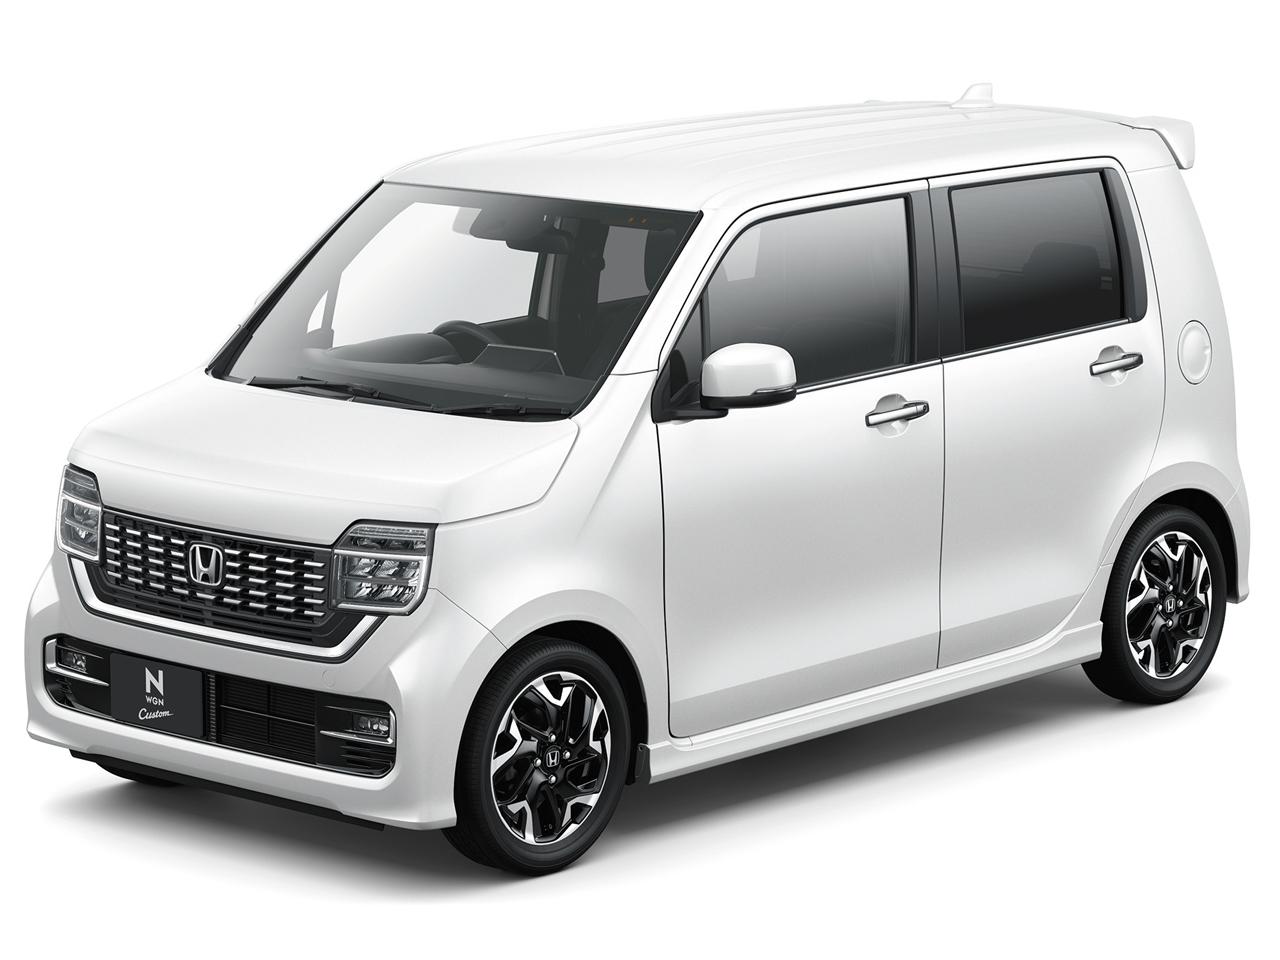 ホンダ N-WGN カスタム 2019年モデル 新車画像